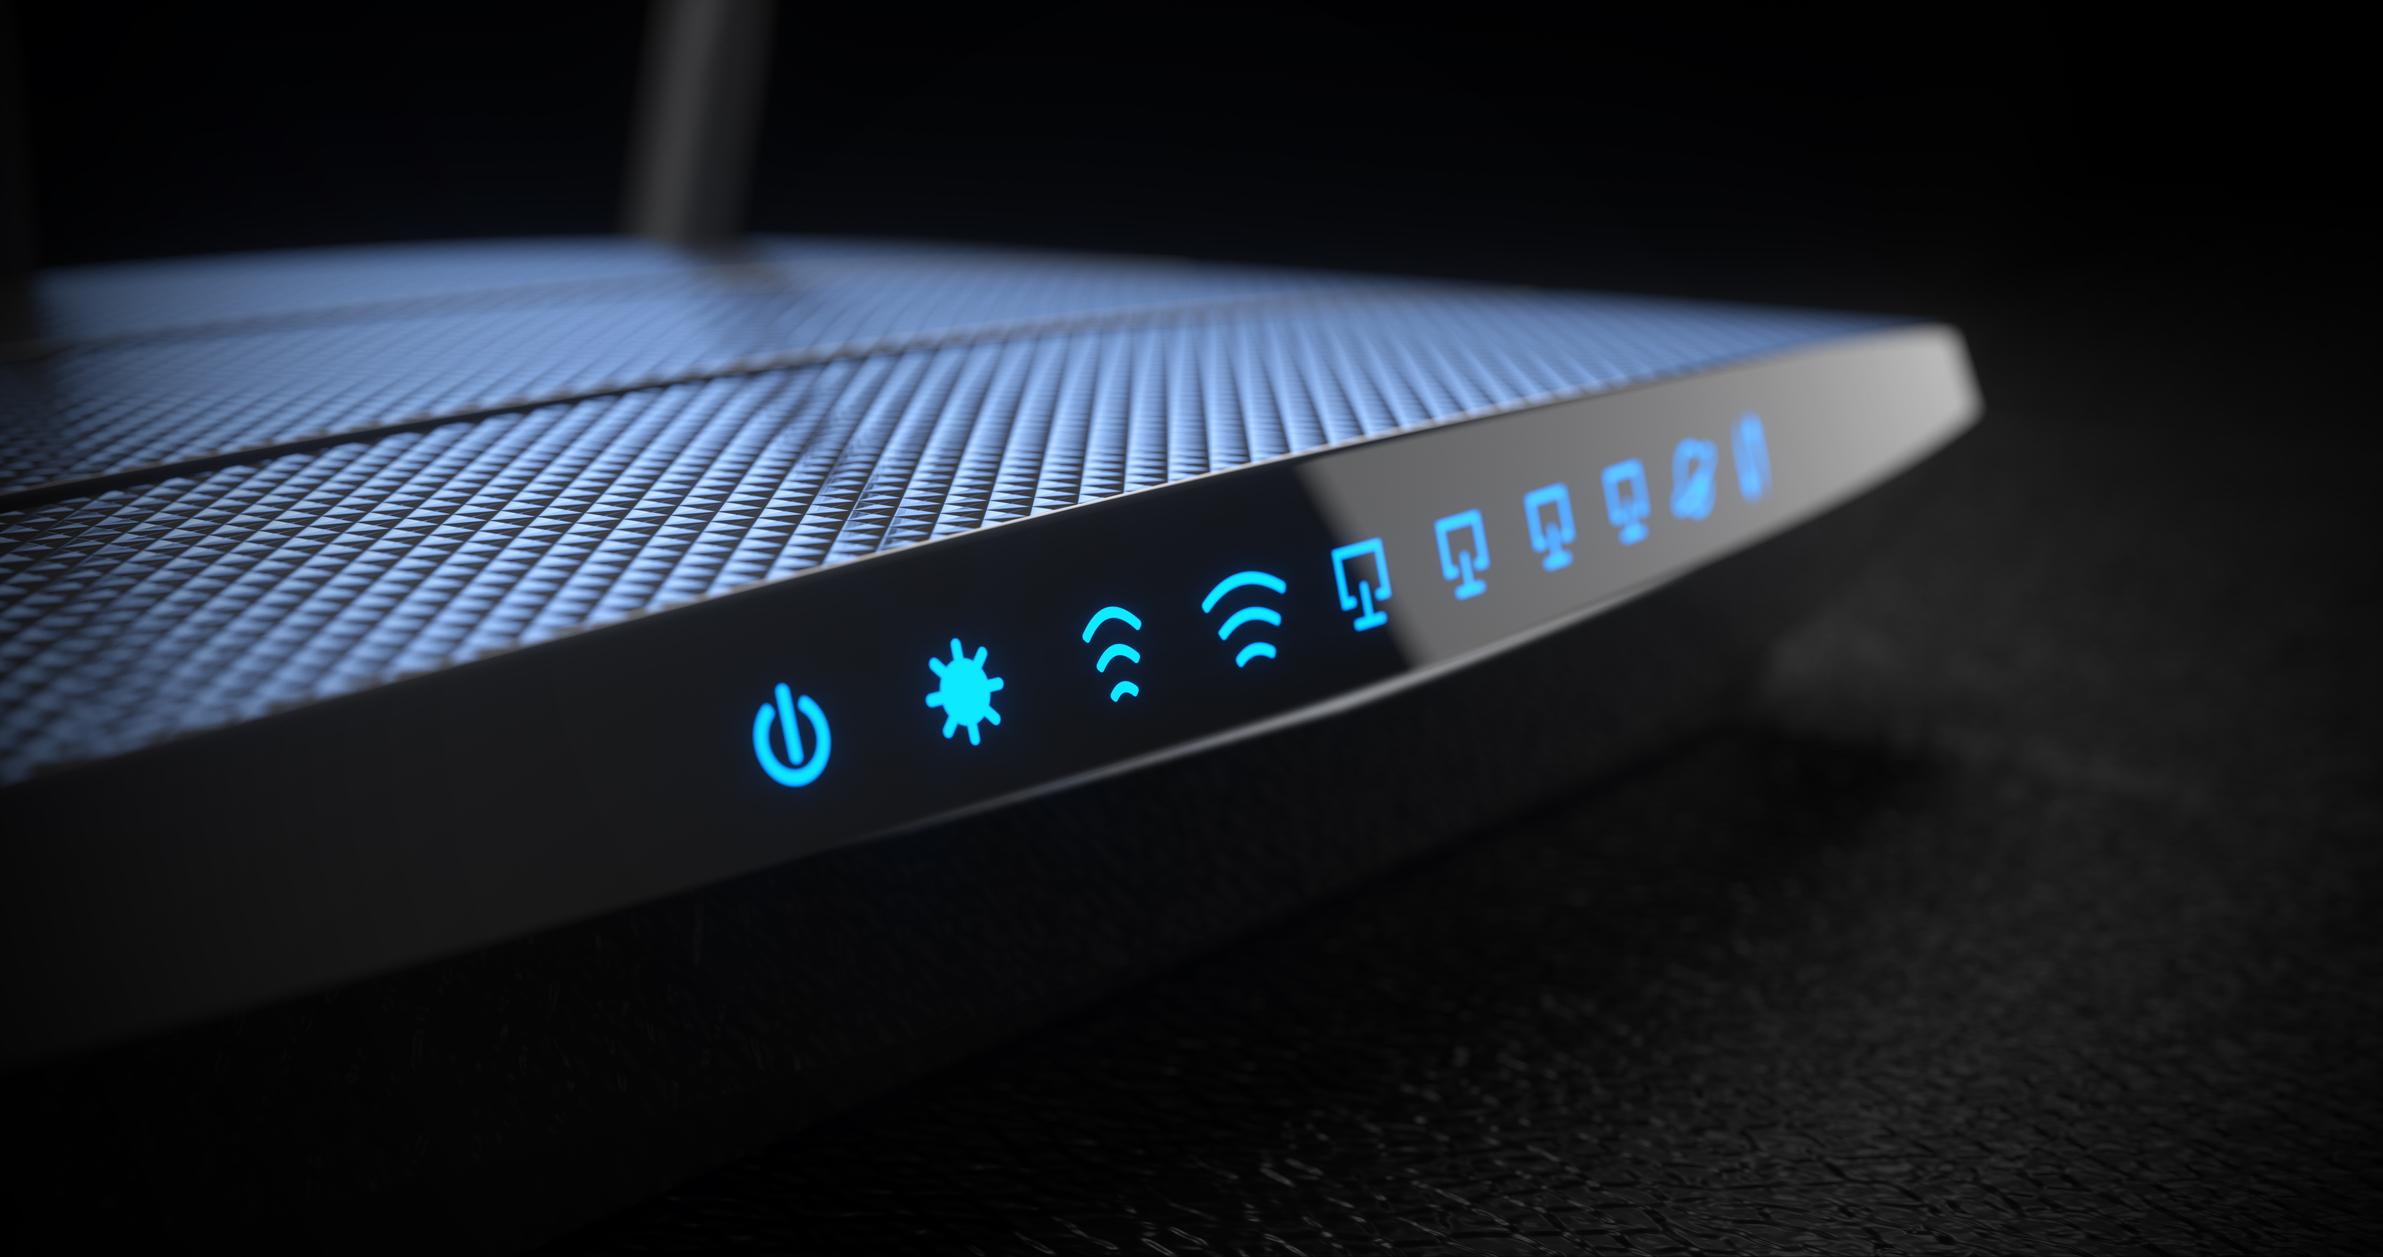 Black Wi-Fi wireless internet router on dark background